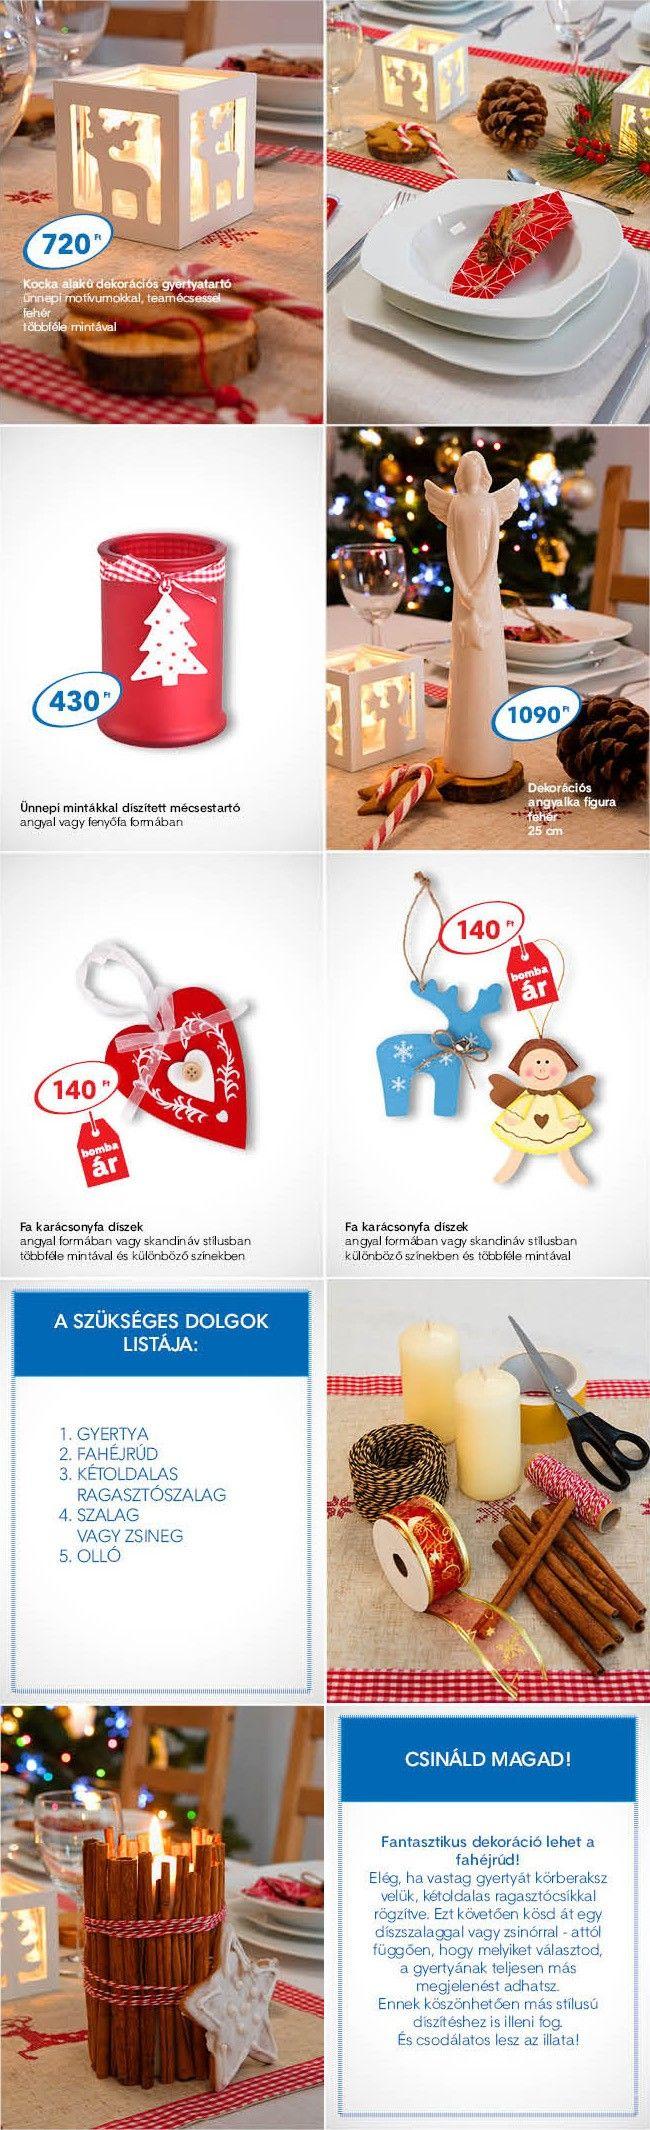 5 ötlet az ünnepi asztal feldíszítéséhez PEPCO árakon - Otthon - Még több inspiráció